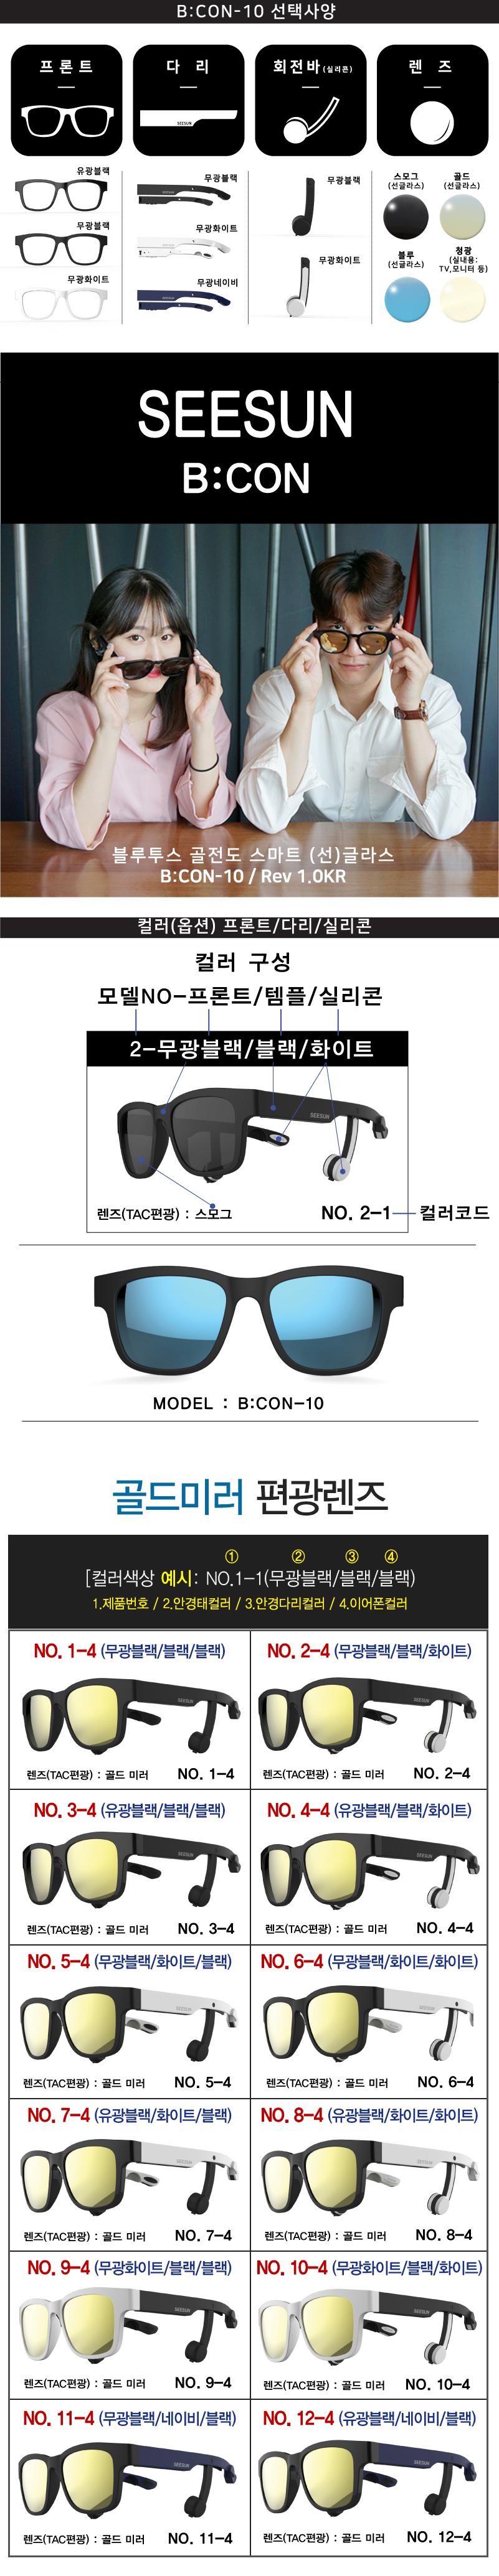 시선 BCON-10 블루투스,골전도 스마트 선글라스 골드미러편광렌즈 MADE IN KOREA